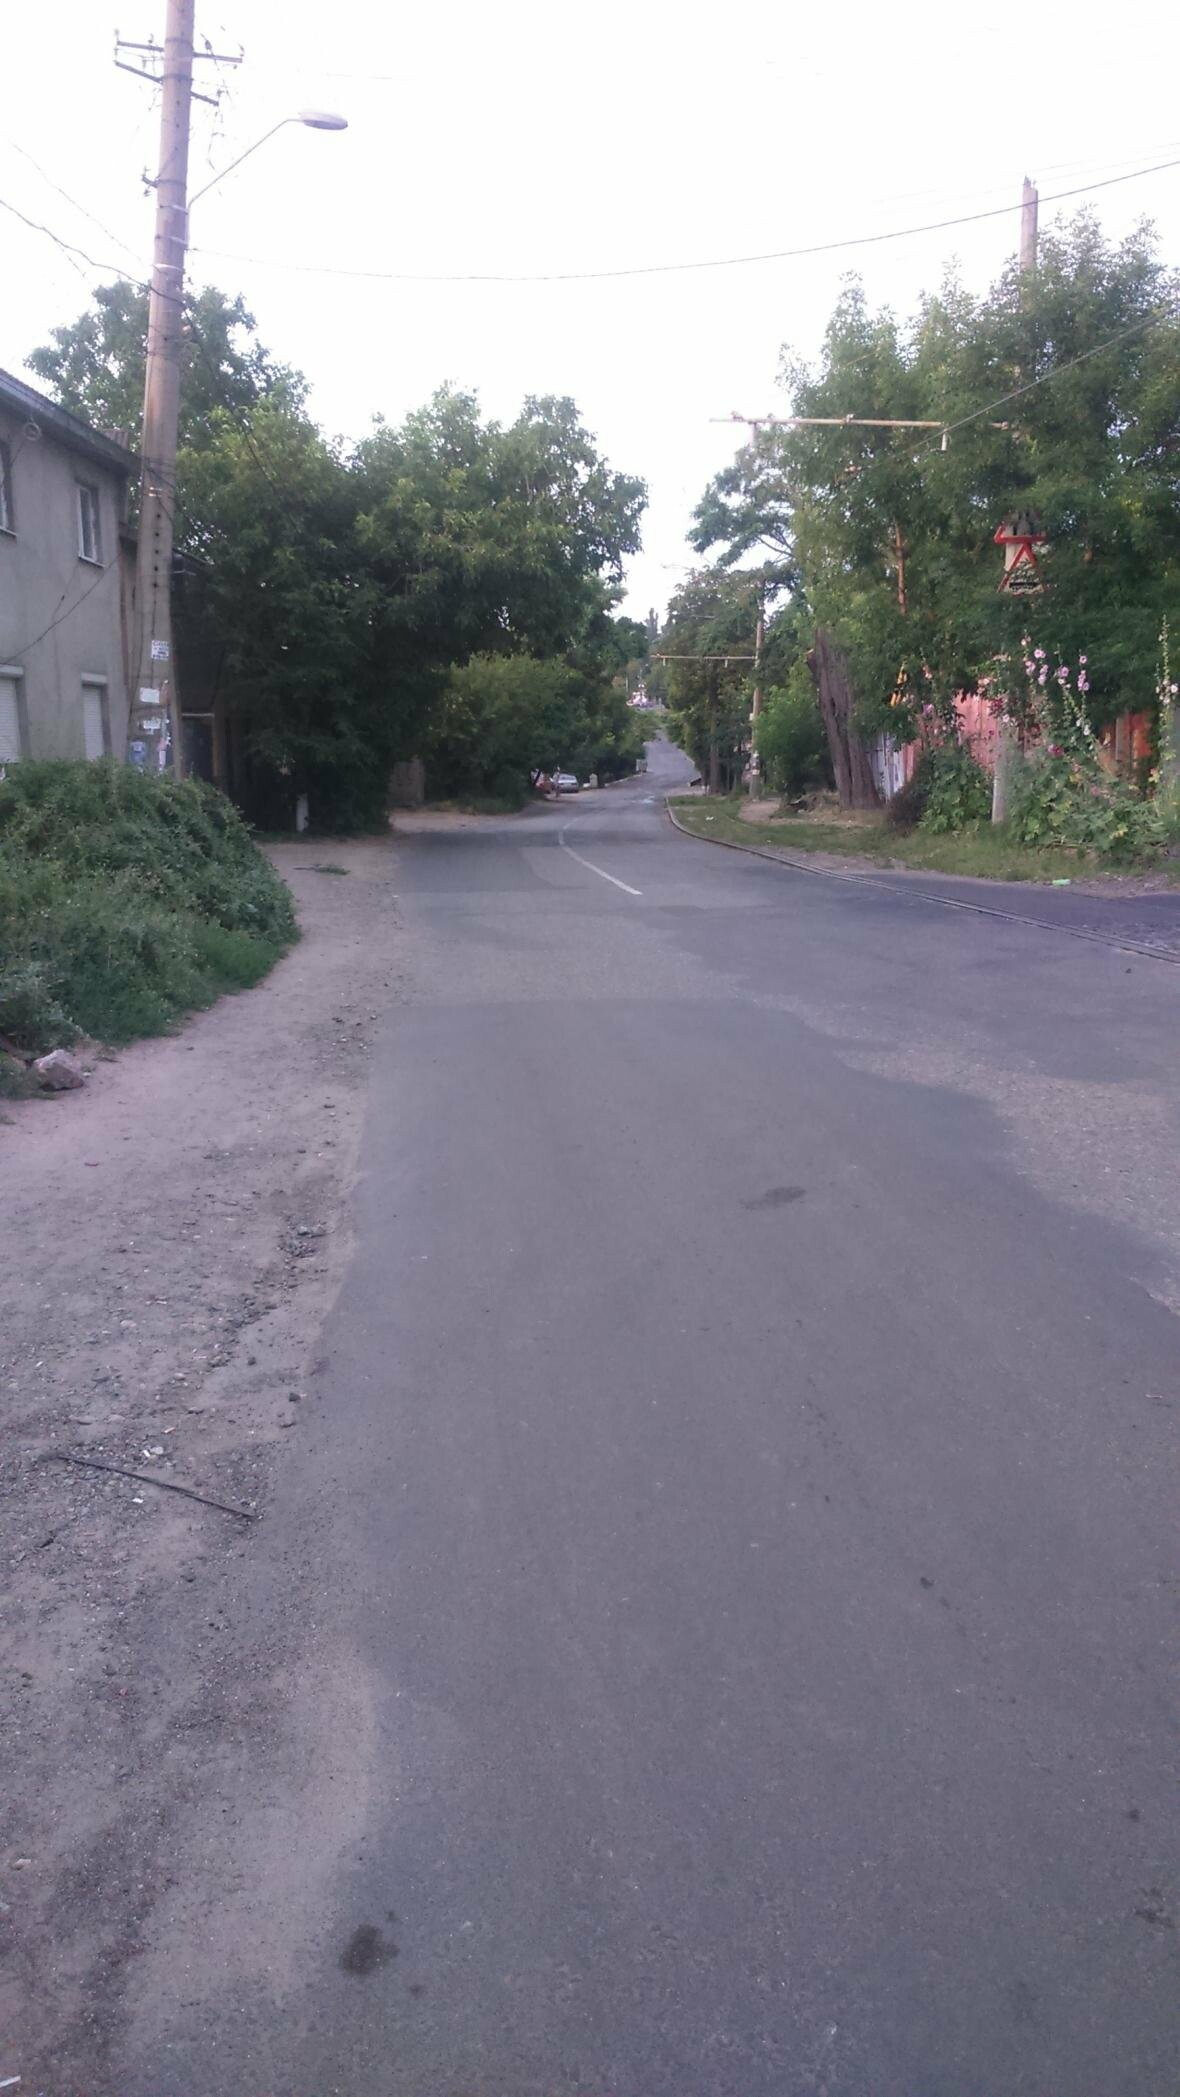 Дорога к морю в Одессе может привести в больницу (ФОТО), фото-4